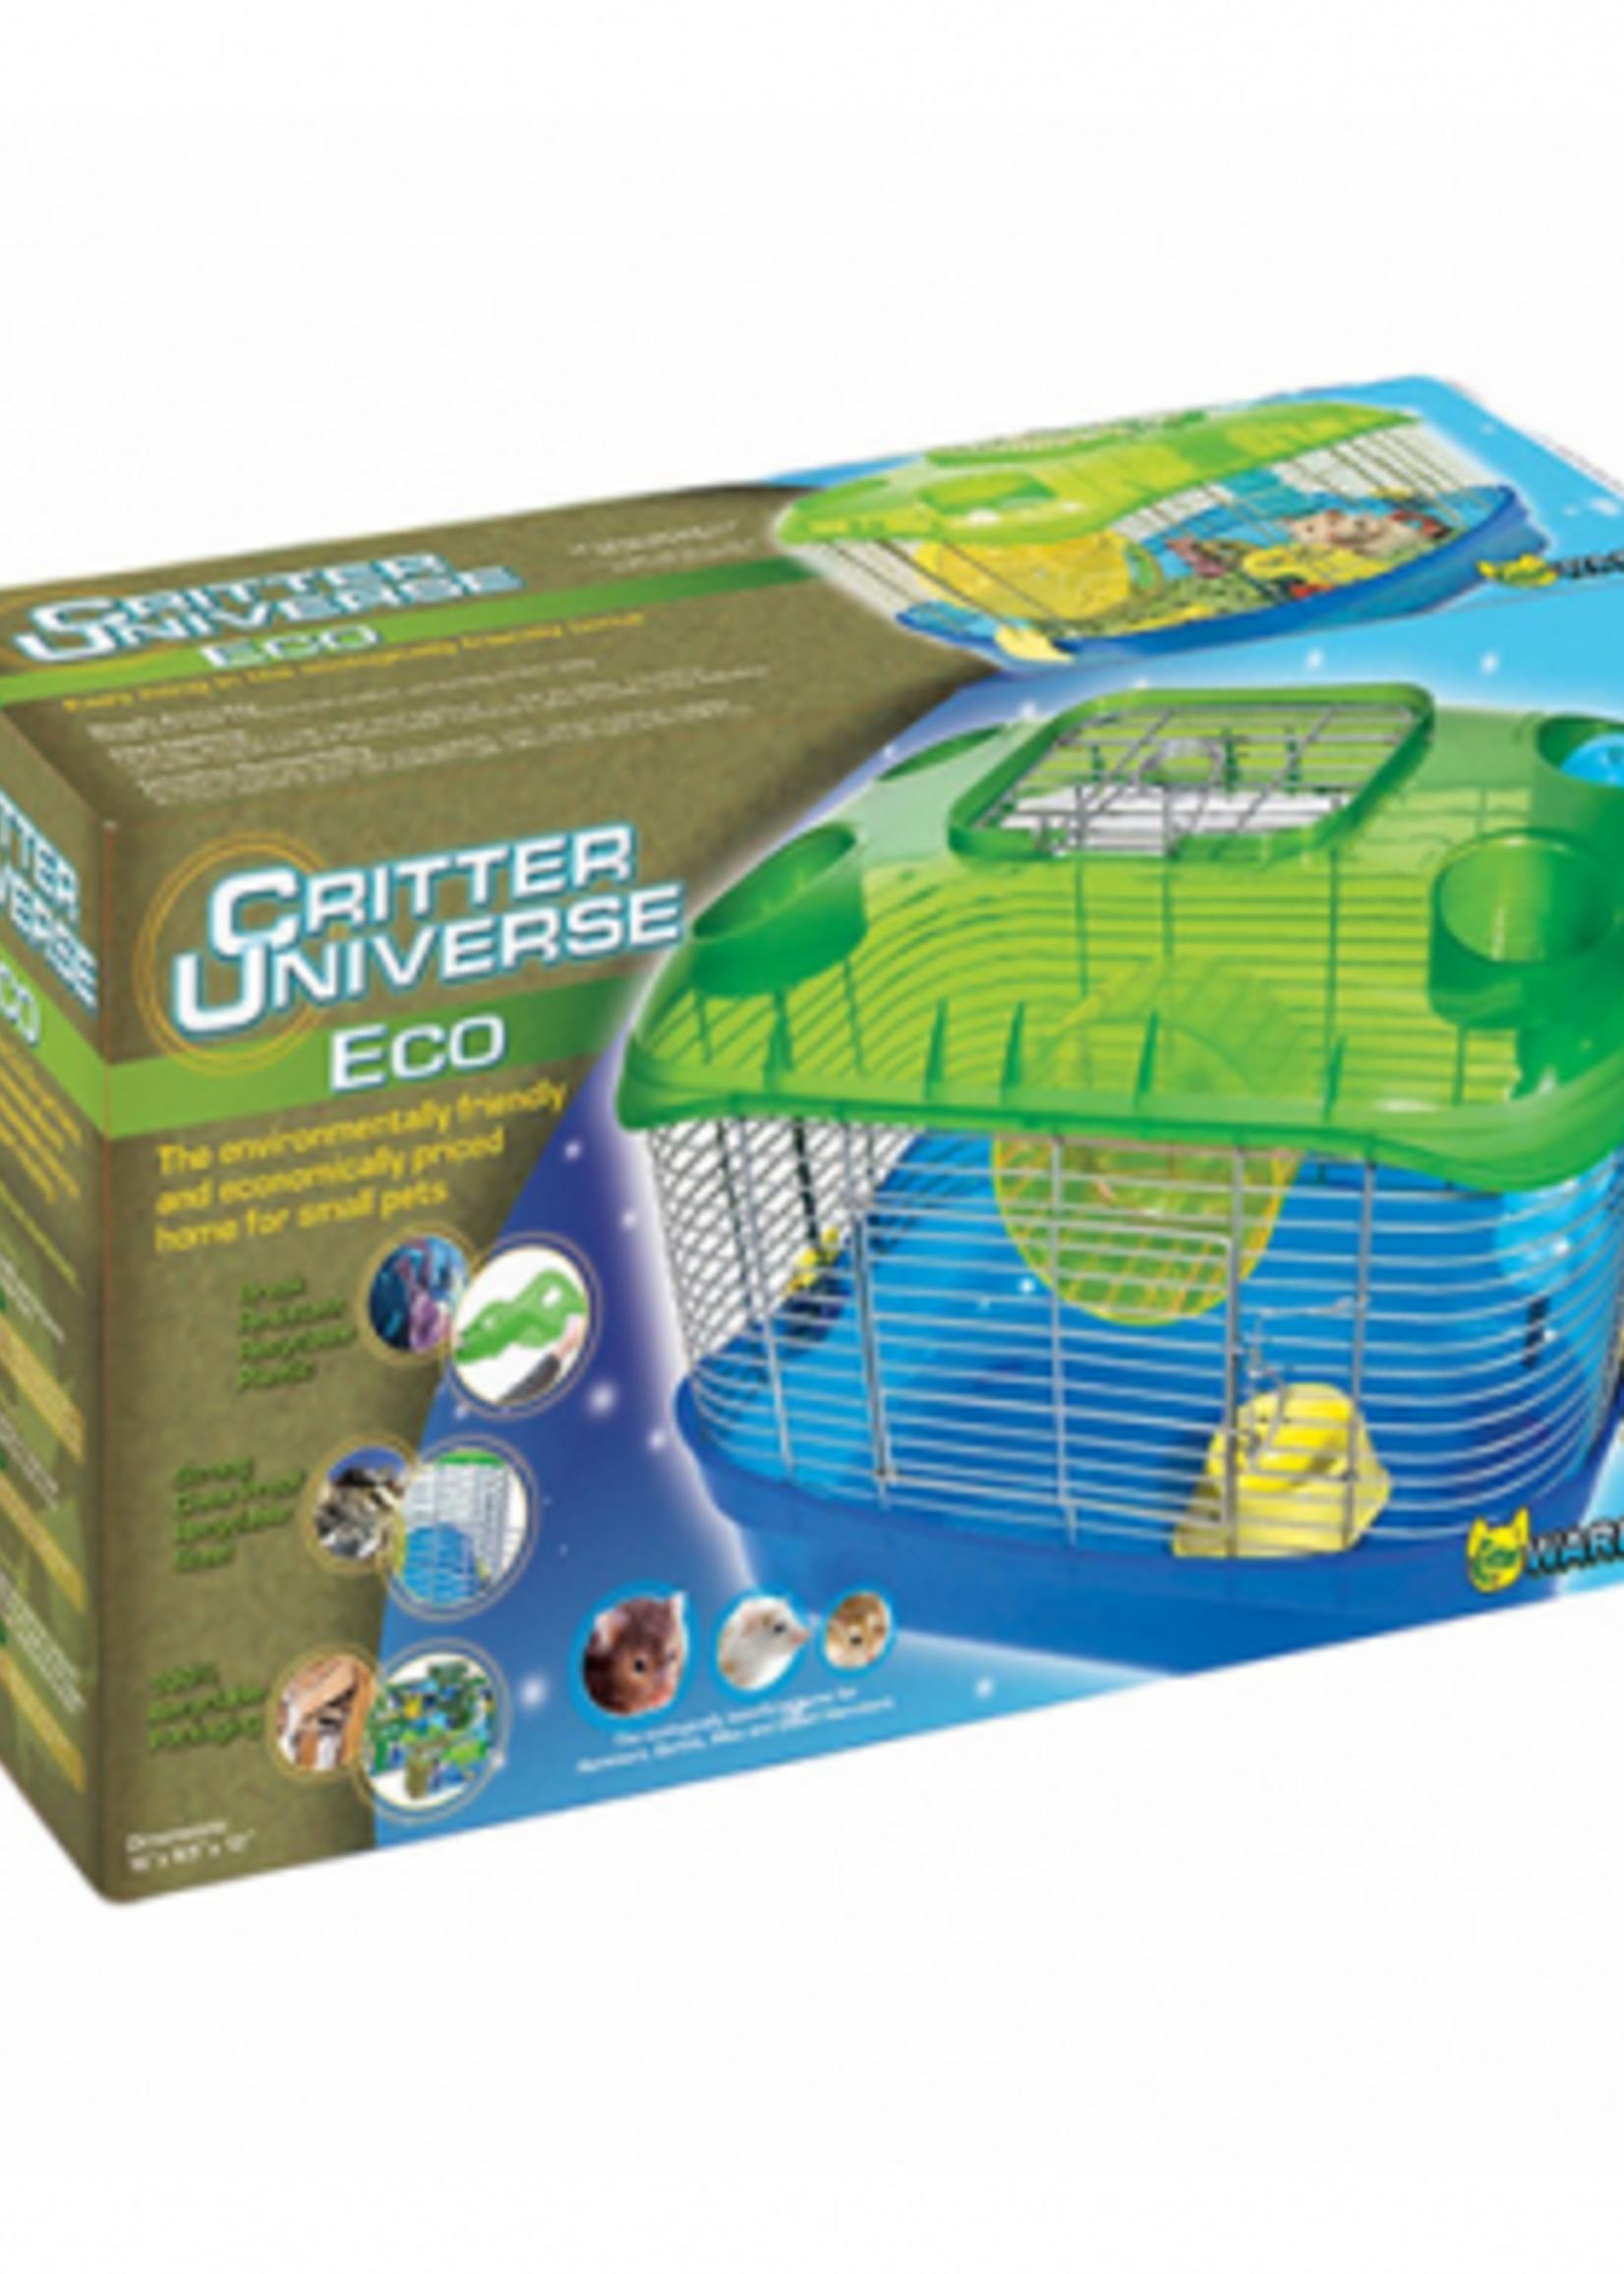 Ware™ Ware™ Critter Universe Eco